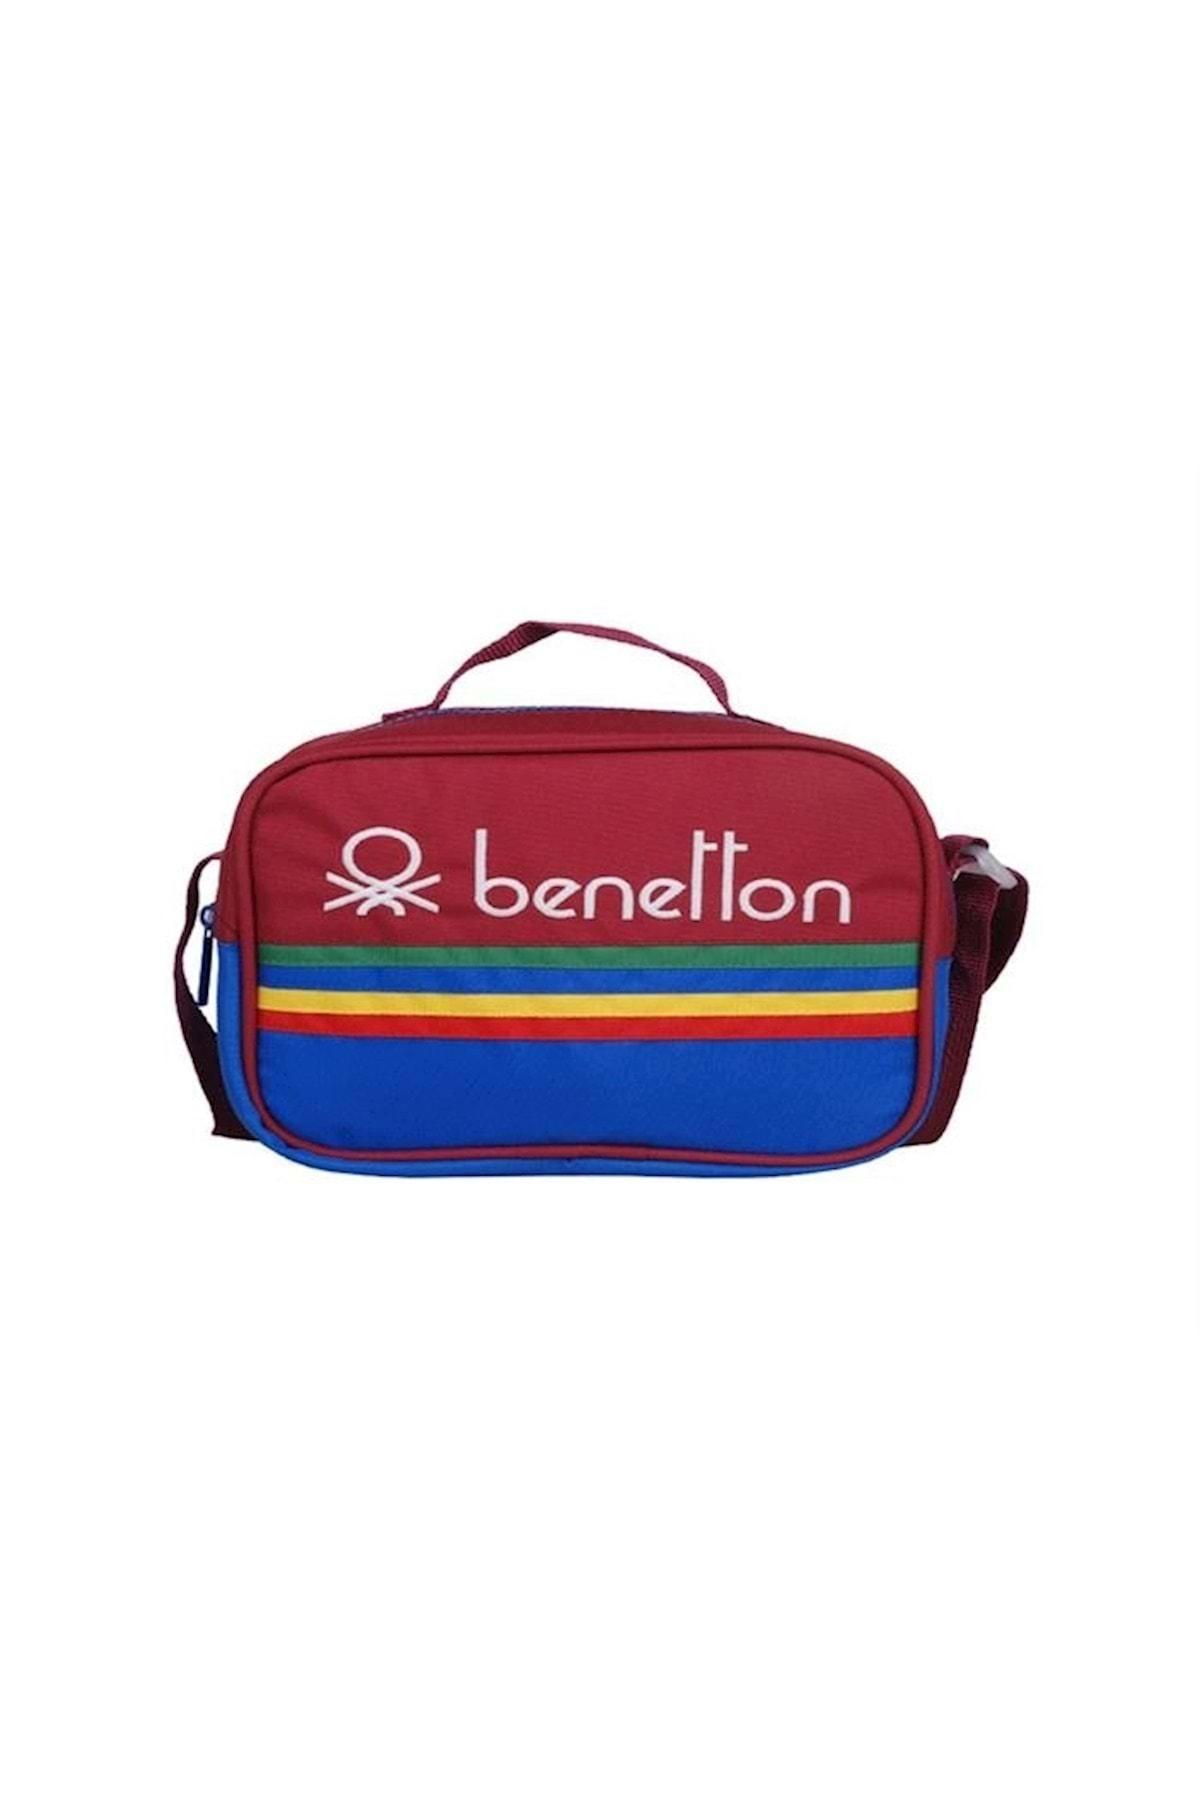 Benetton Beslenme Çantası (70048) 1